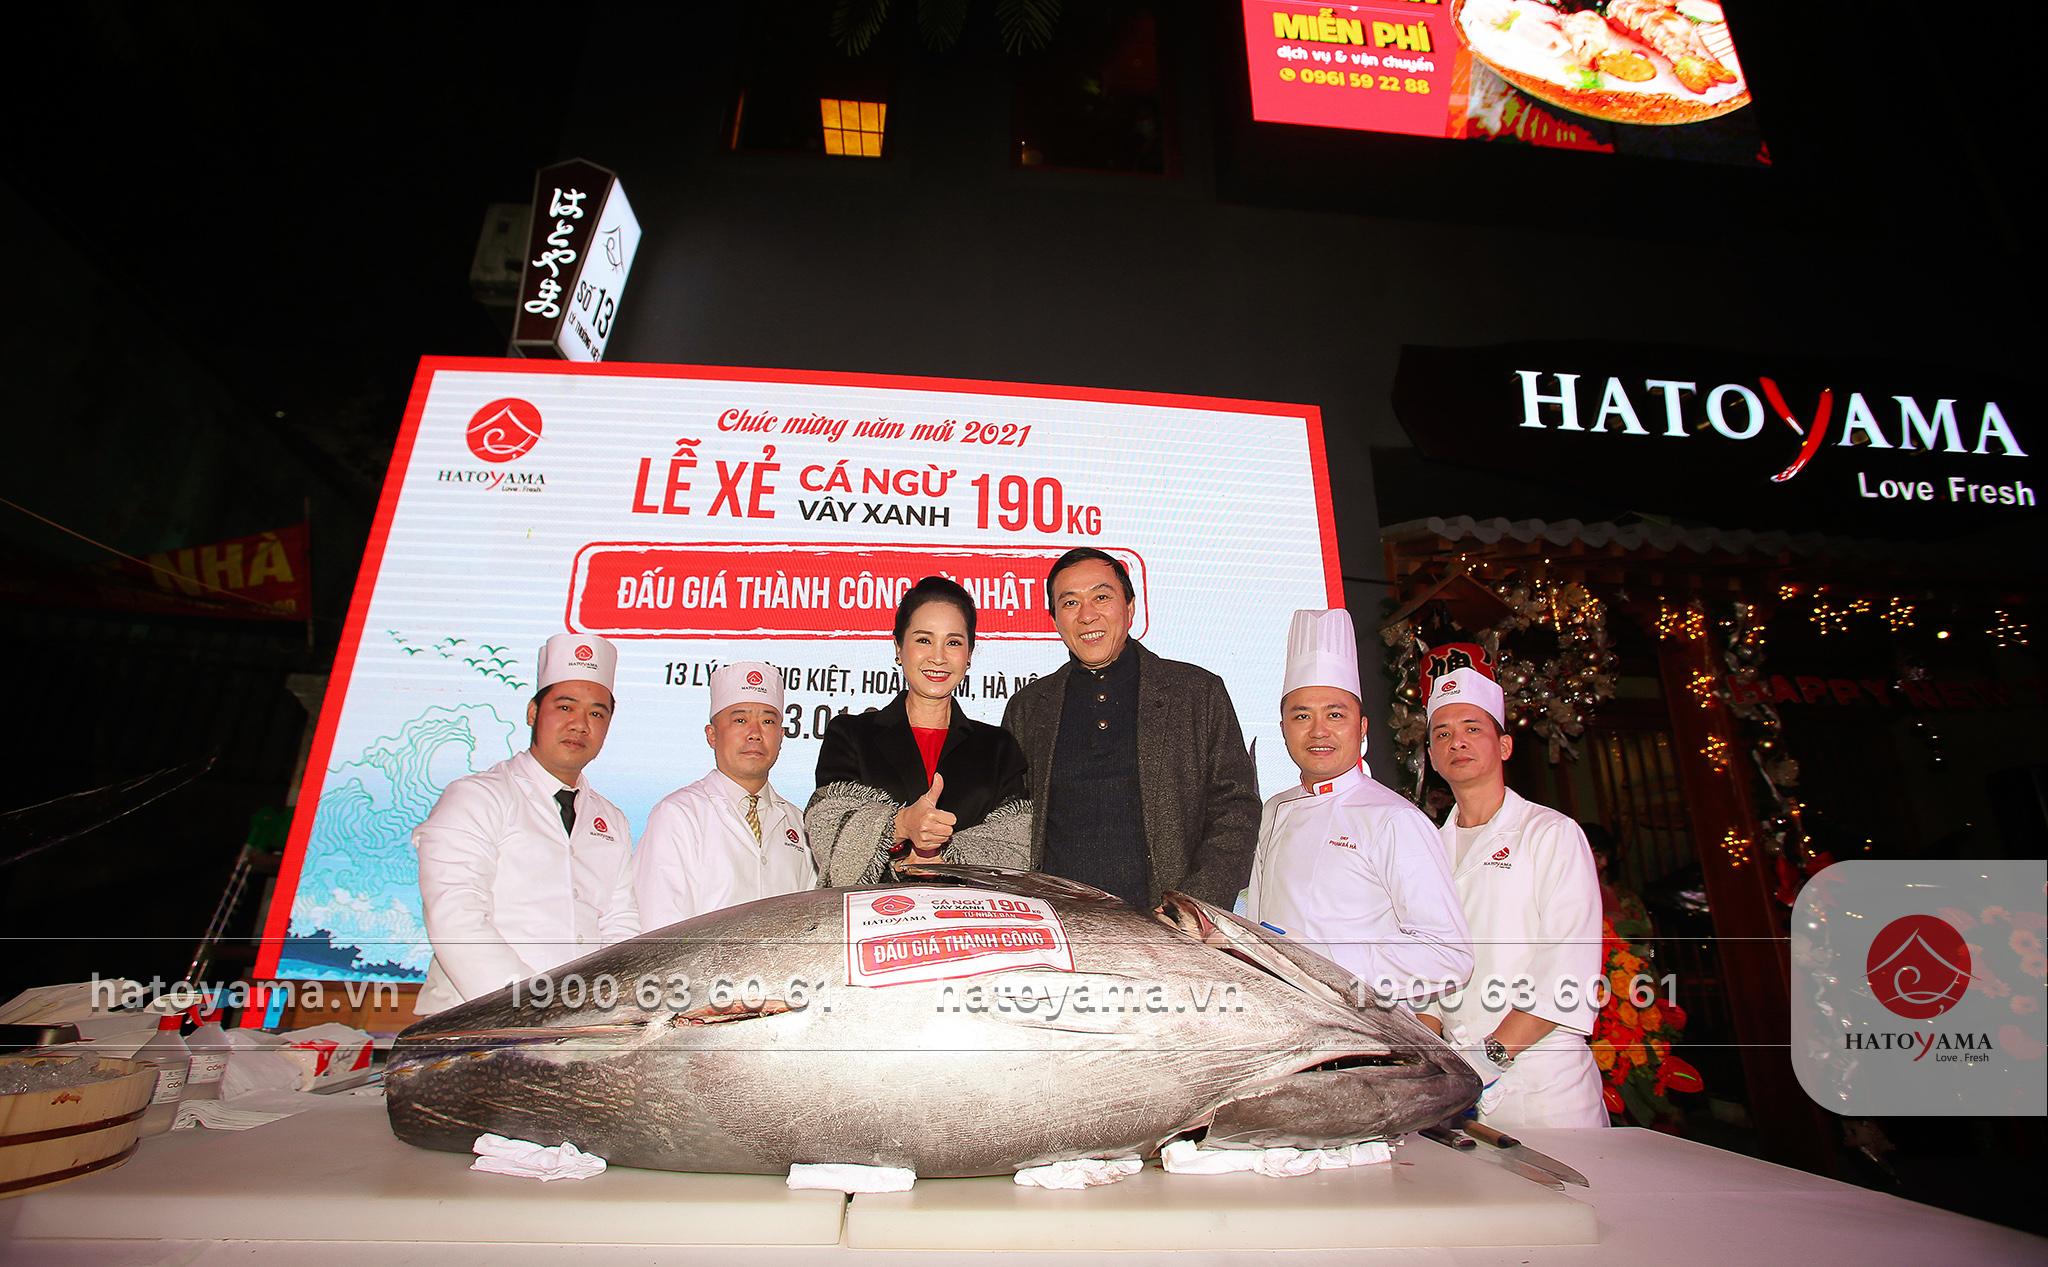 Lễ xẻ cá ngừ là sự kiện thường xuyên và có ý nghĩa quan trọng của Hatoyama